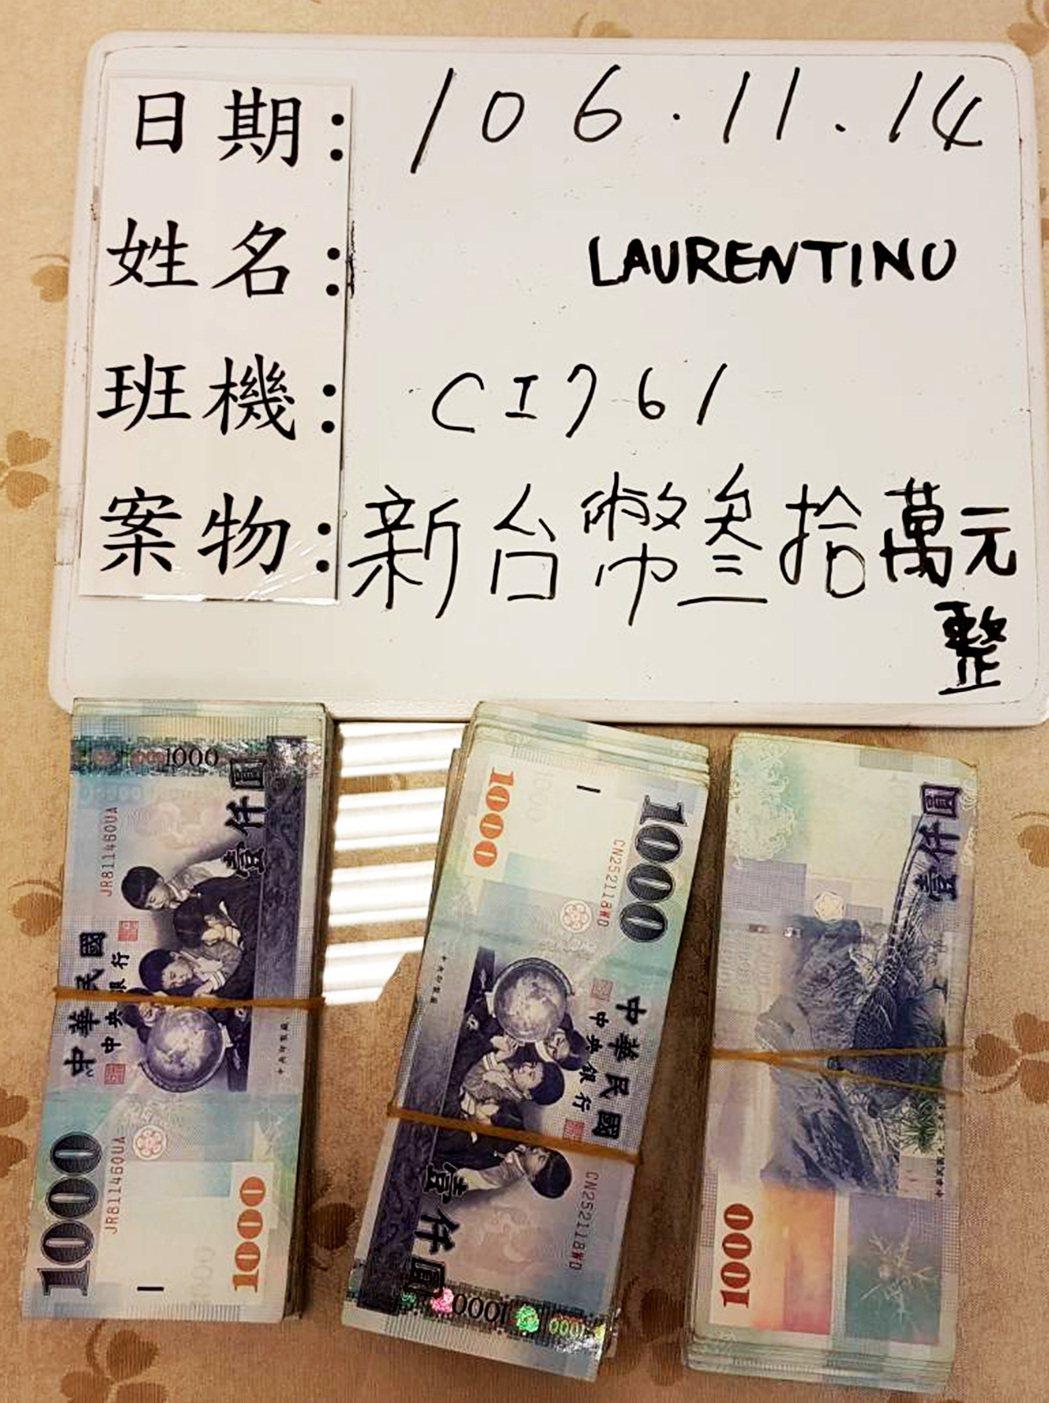 印尼旅客超帶新台幣 國庫入帳65萬元